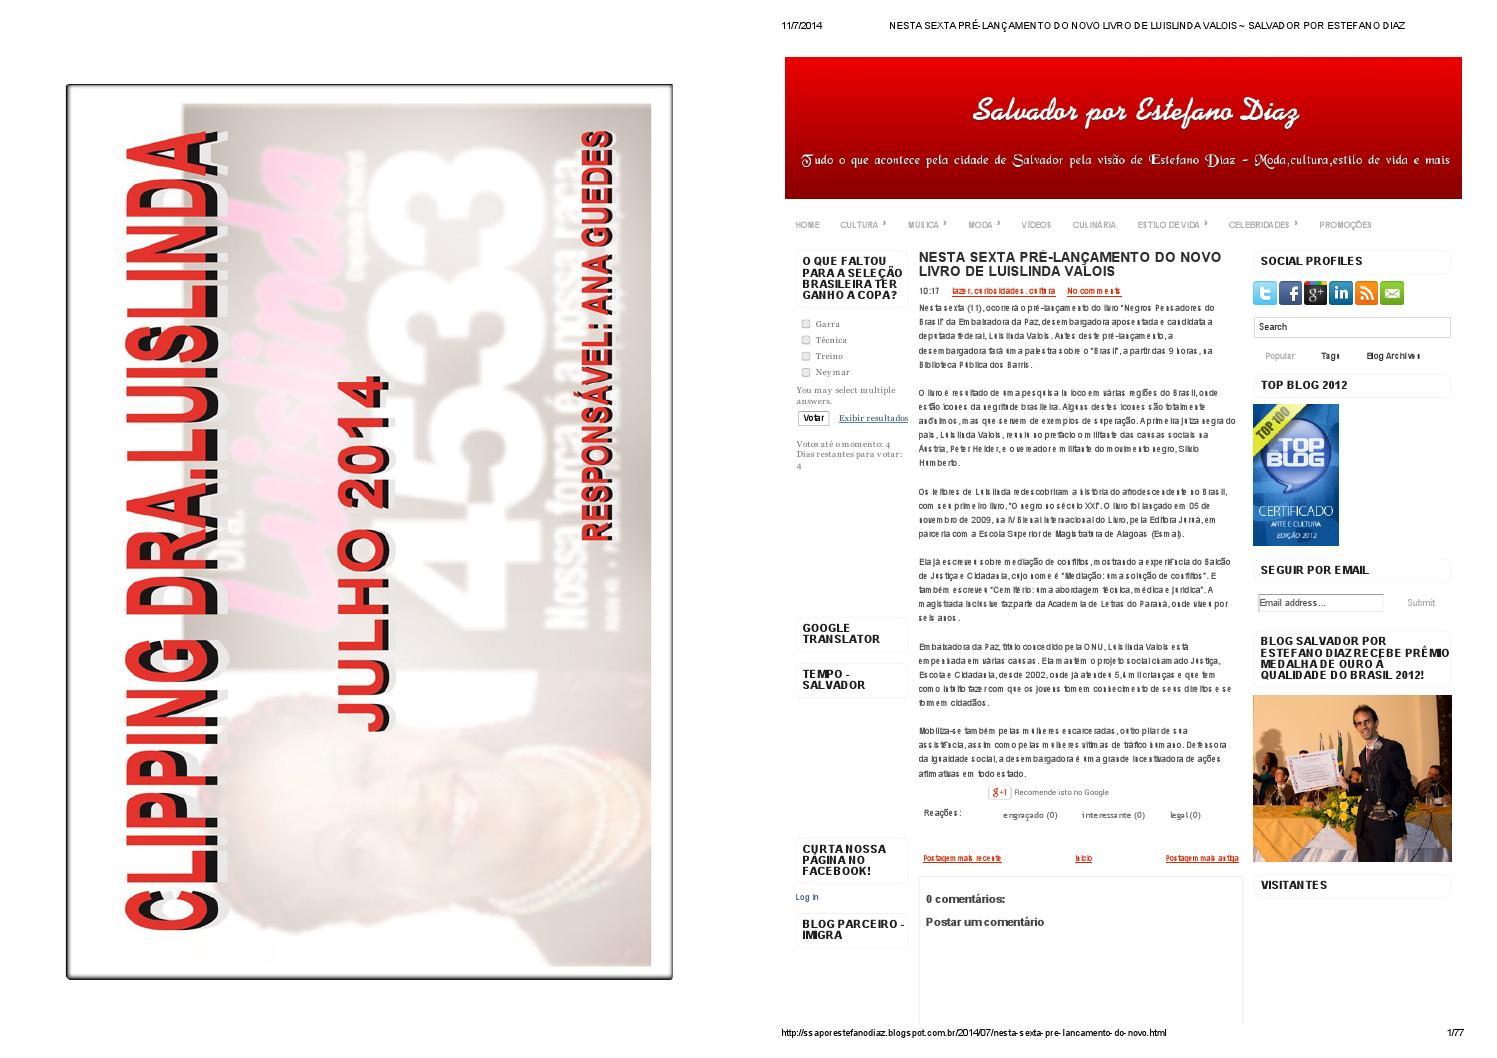 bac328c2fc0 Clipping dra luislinda09 by Onim - issuu